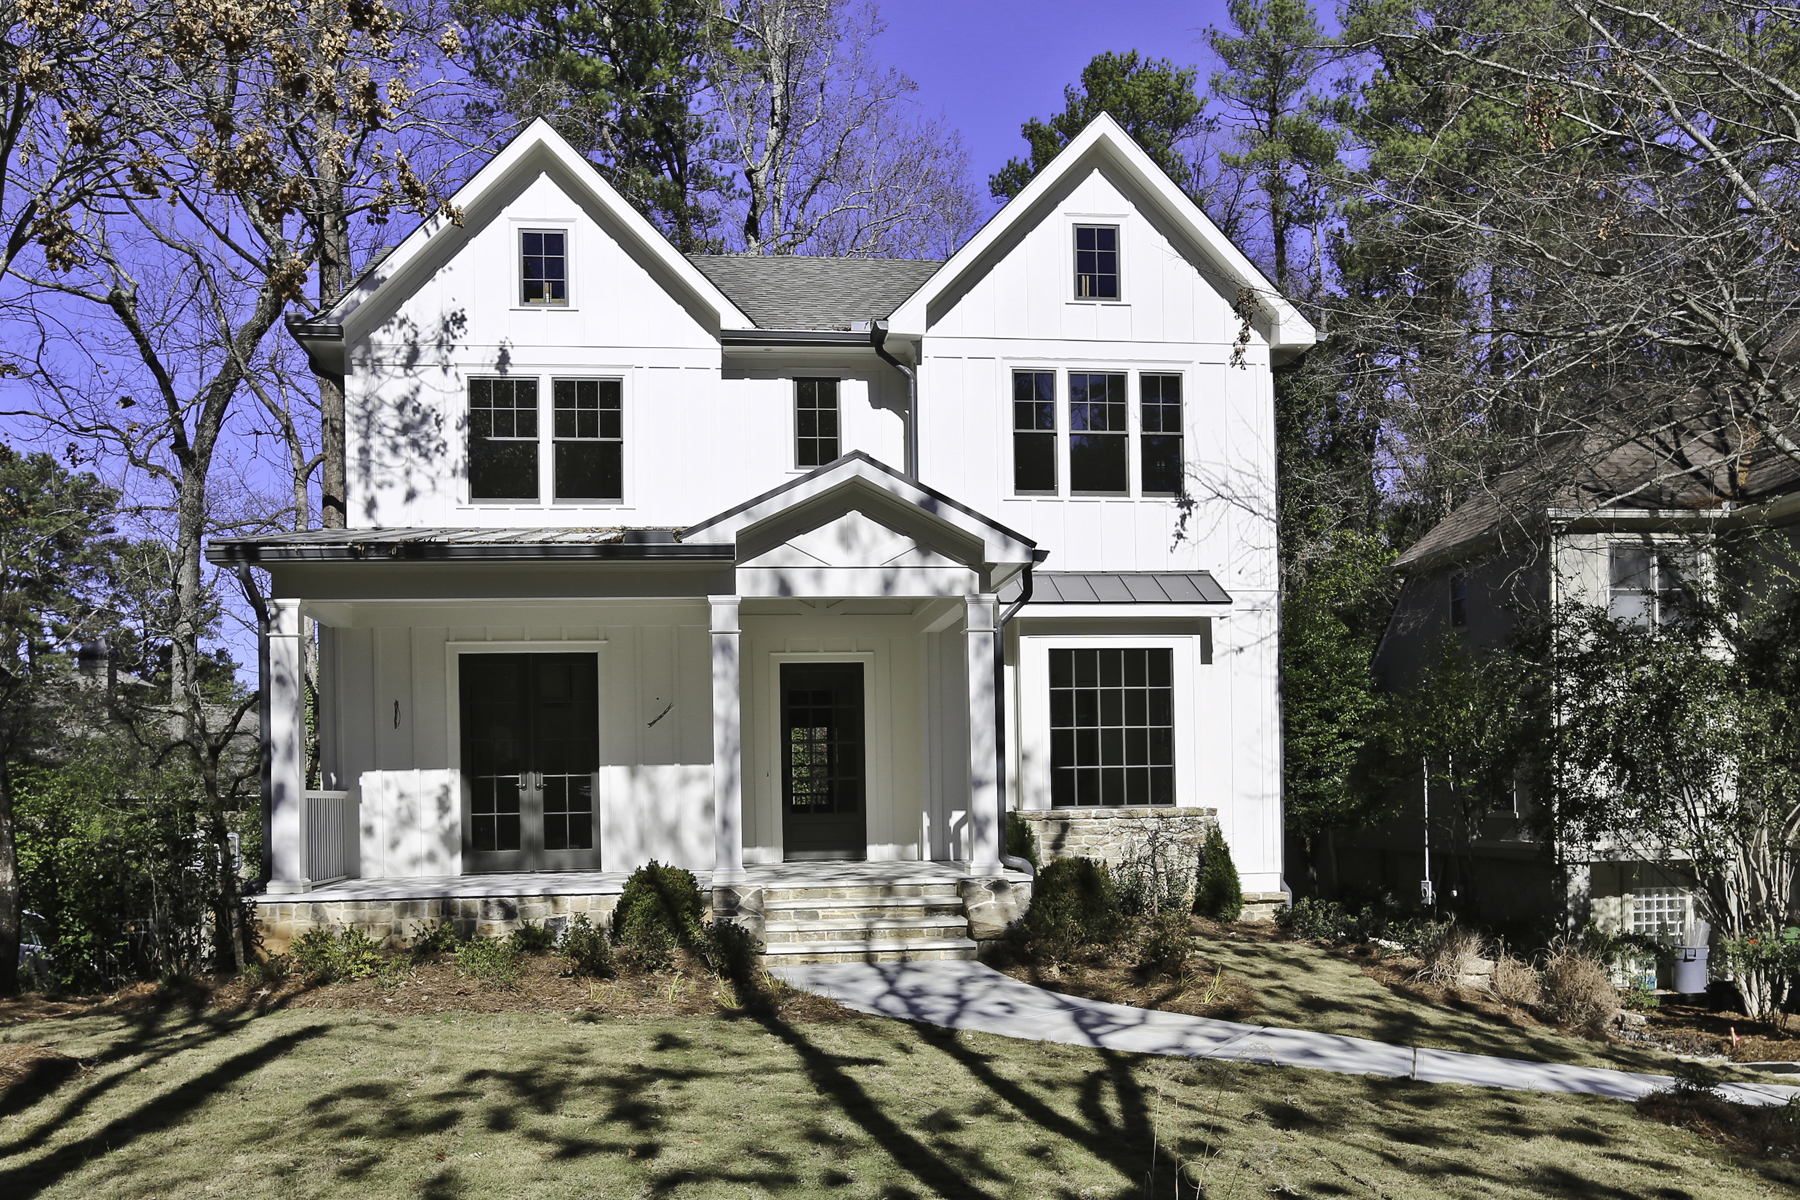 Частный односемейный дом для того Продажа на New Construction by JackBilt Homes. 870 Wildwood Road NE Morningside, Atlanta, Джорджия, 30324 Соединенные Штаты